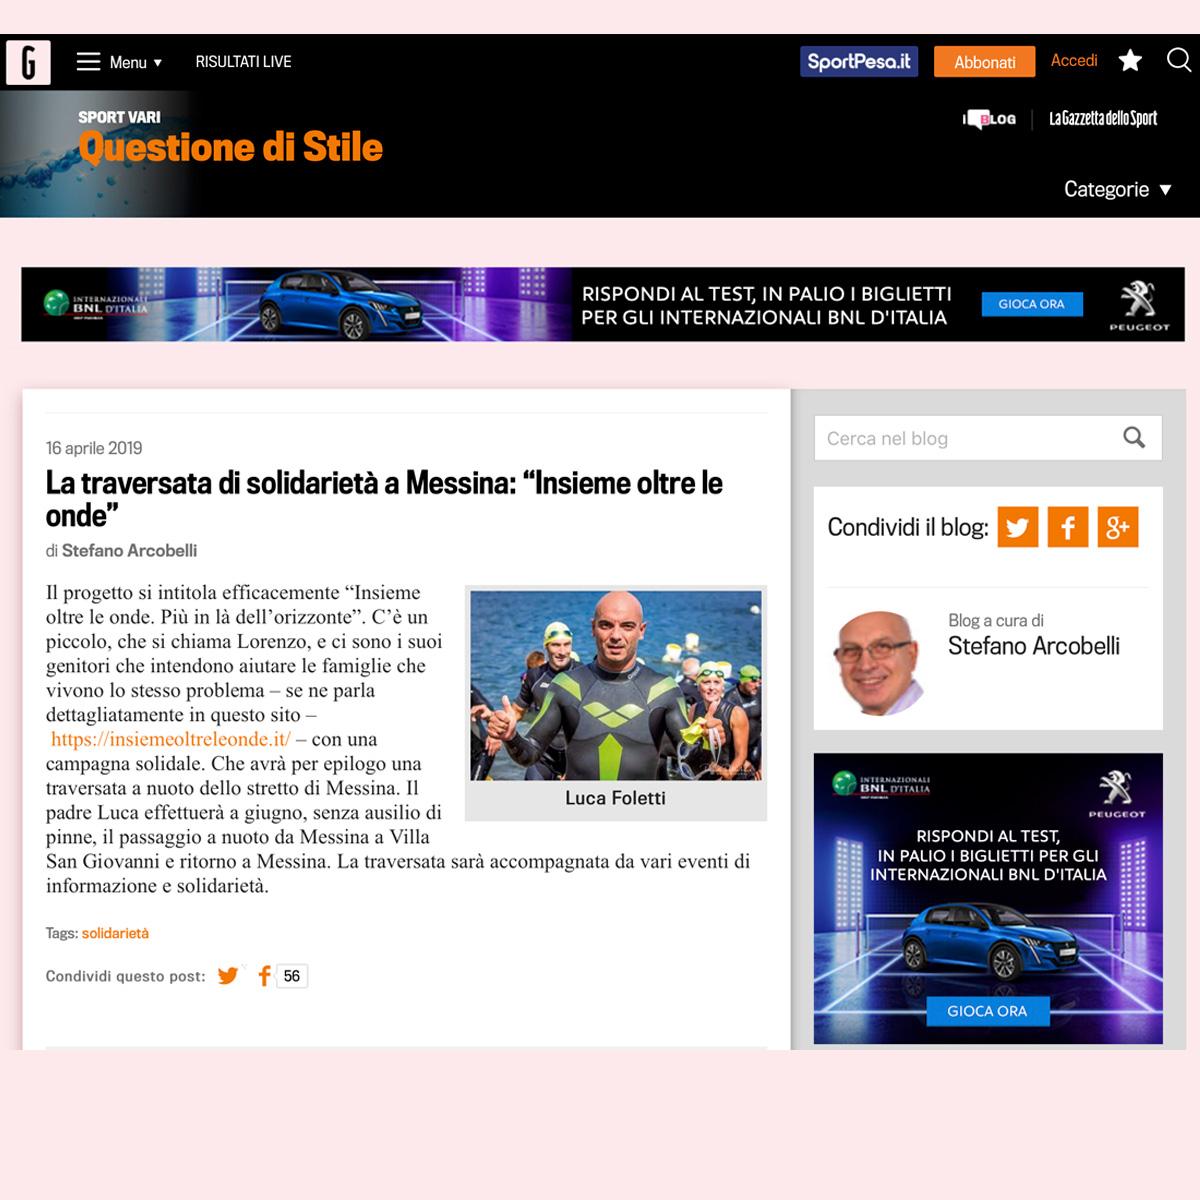 Articolo Questione di stile Gazzetta - Rassegna Stampa - Insieme oltre le onde - 2019